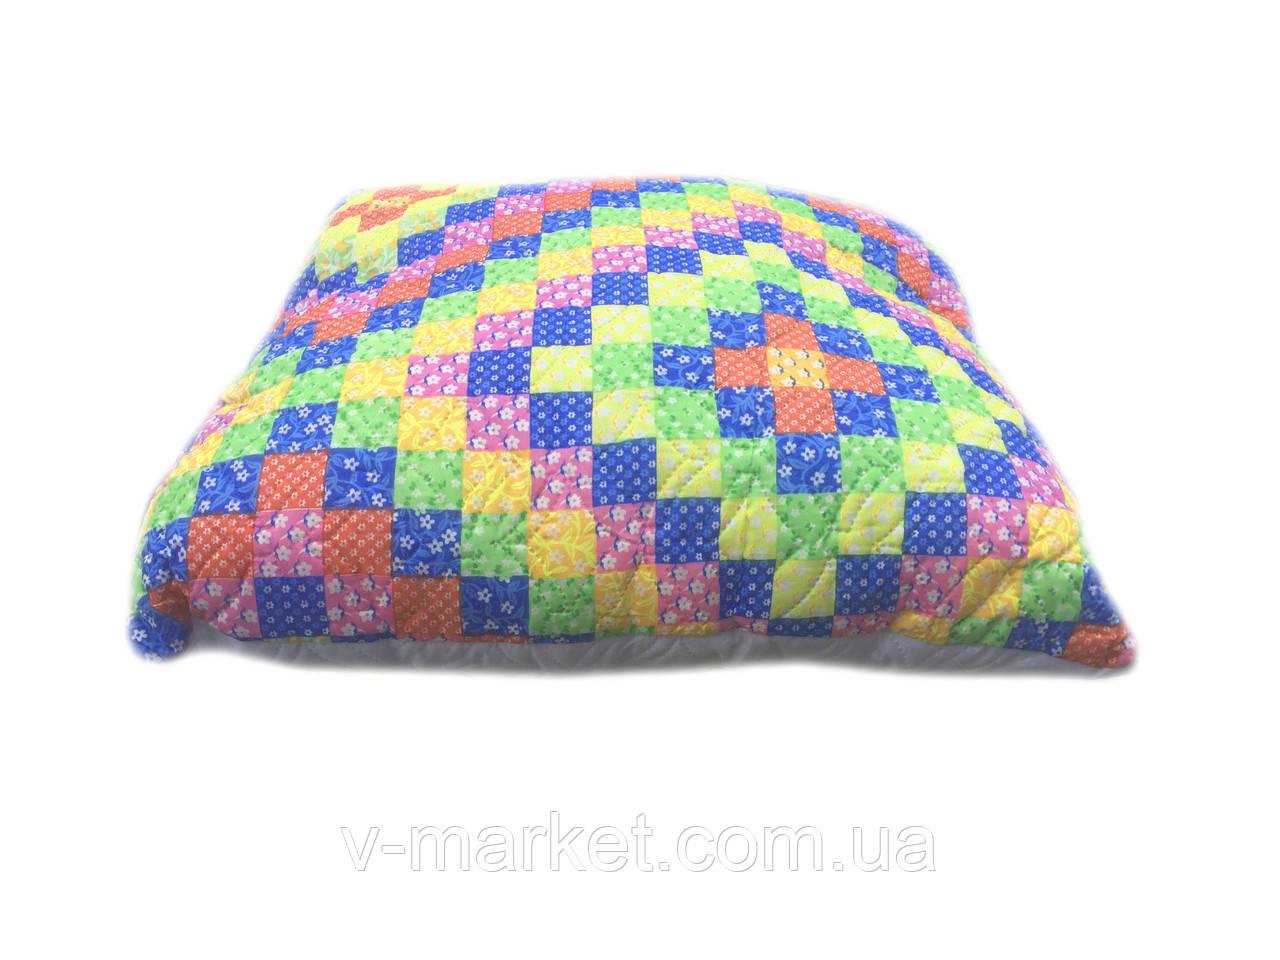 Подушка квадратная 70/70, силикон шариковый